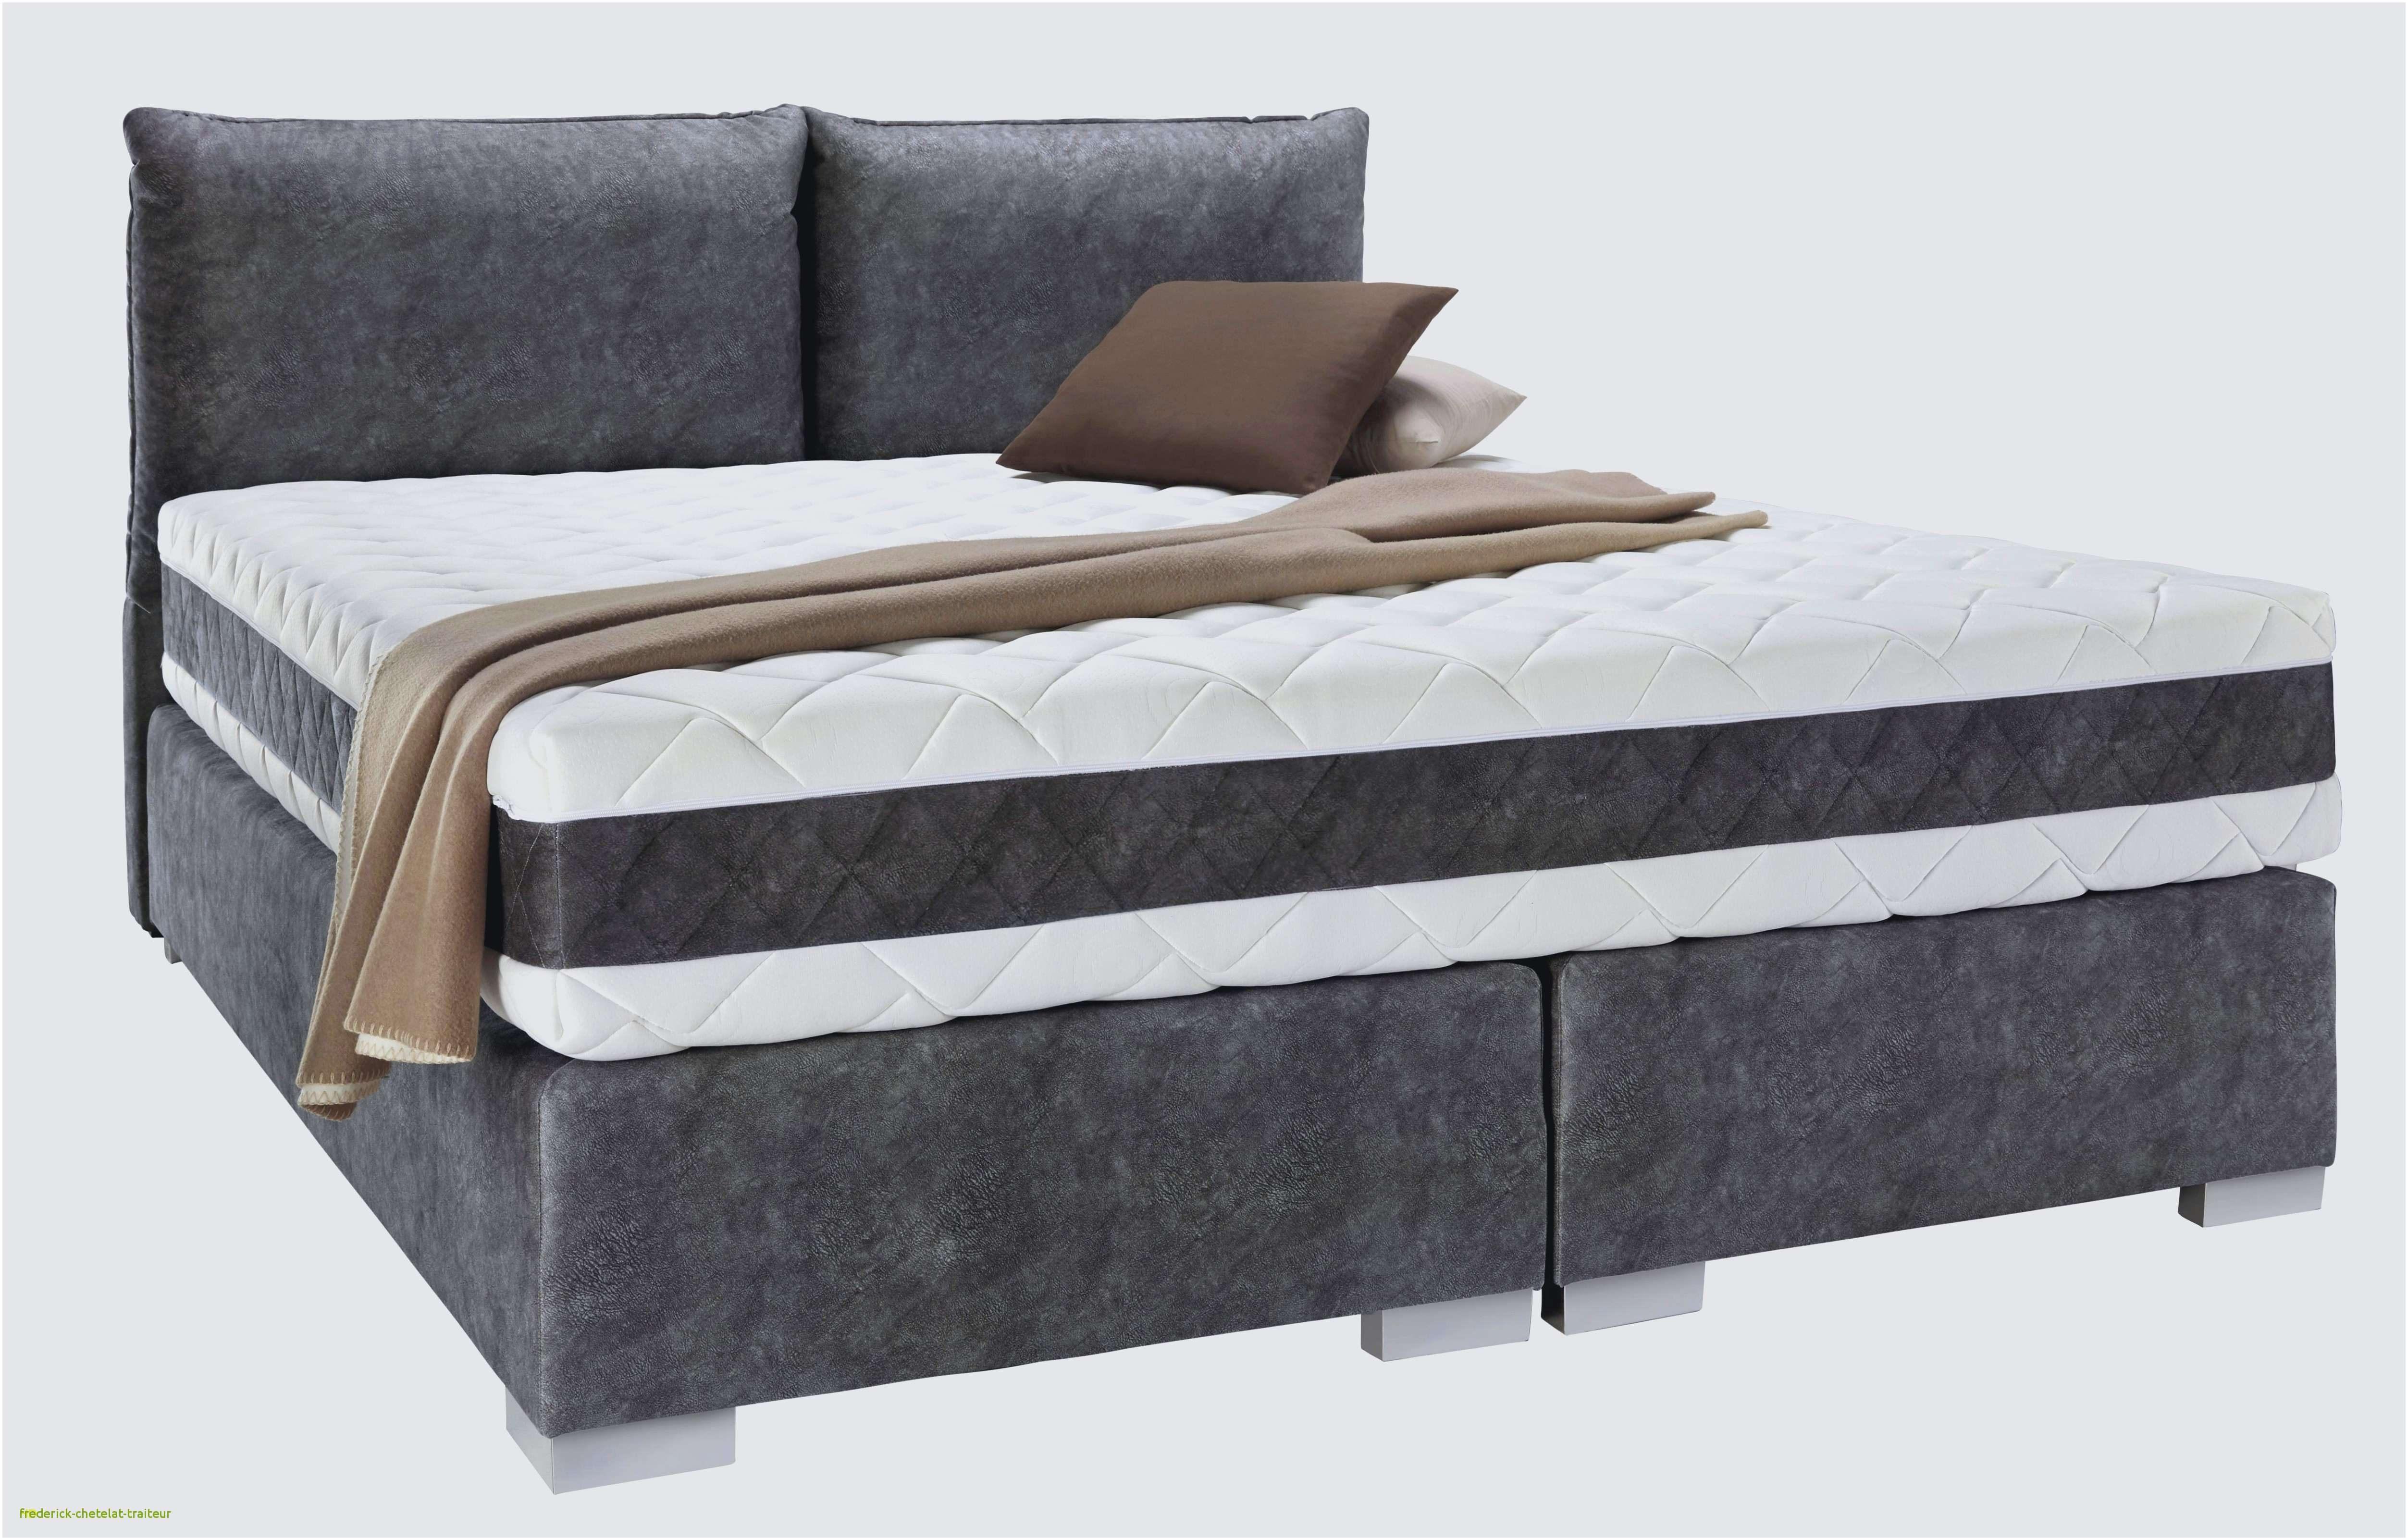 Lit Coffre Ikea 160 Charmant Inspiré sommier En Kit 140—190 Ikea Beau S Verin Lit Coffre Génial